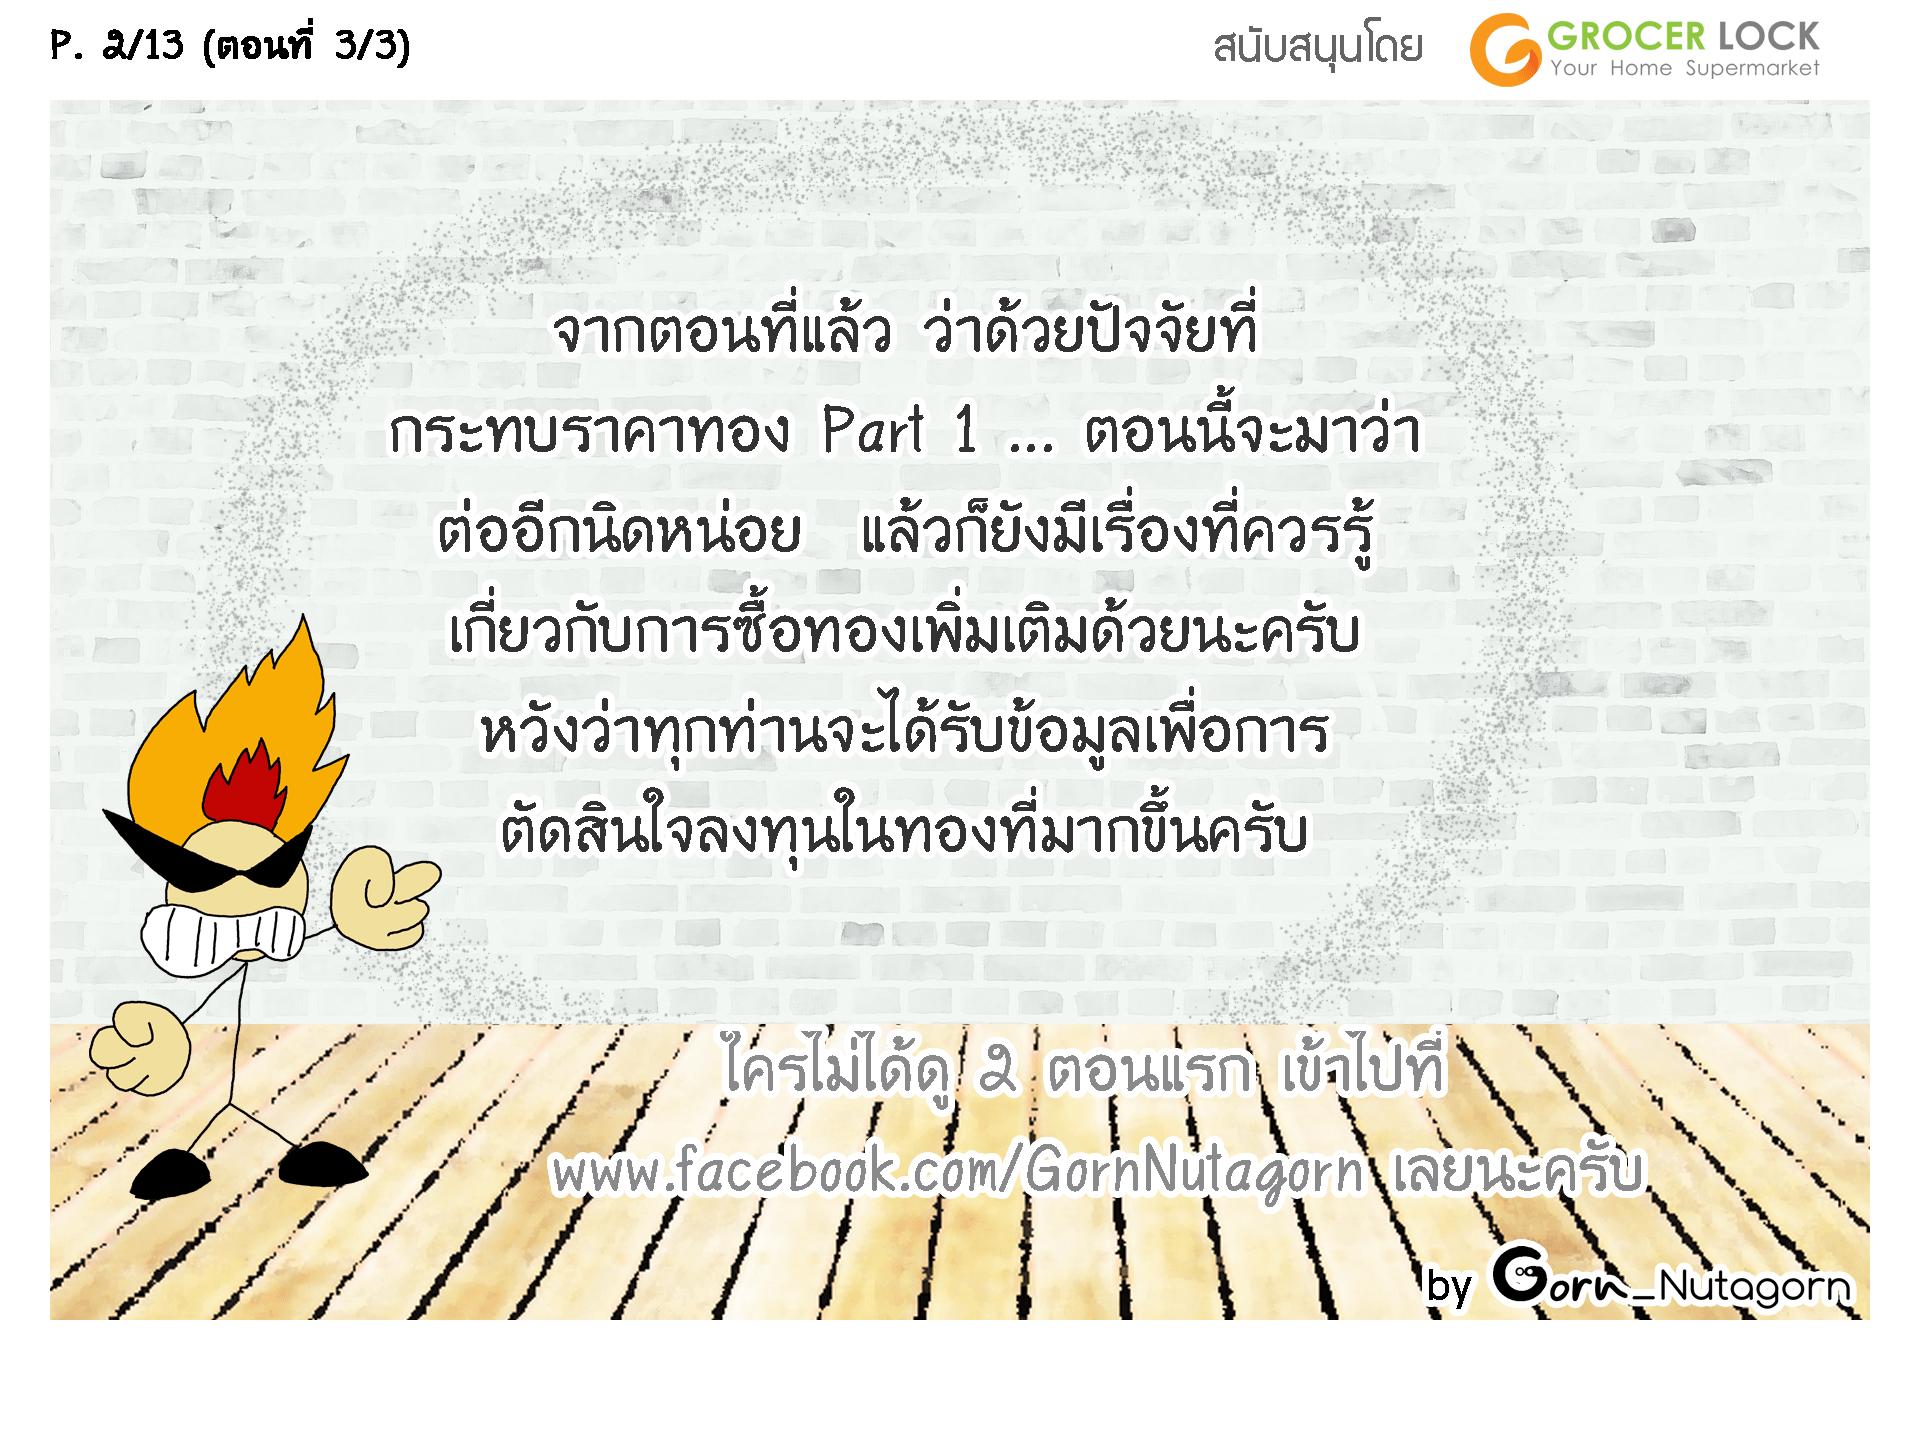 gornnutagorn_gold_price_factors_3_2